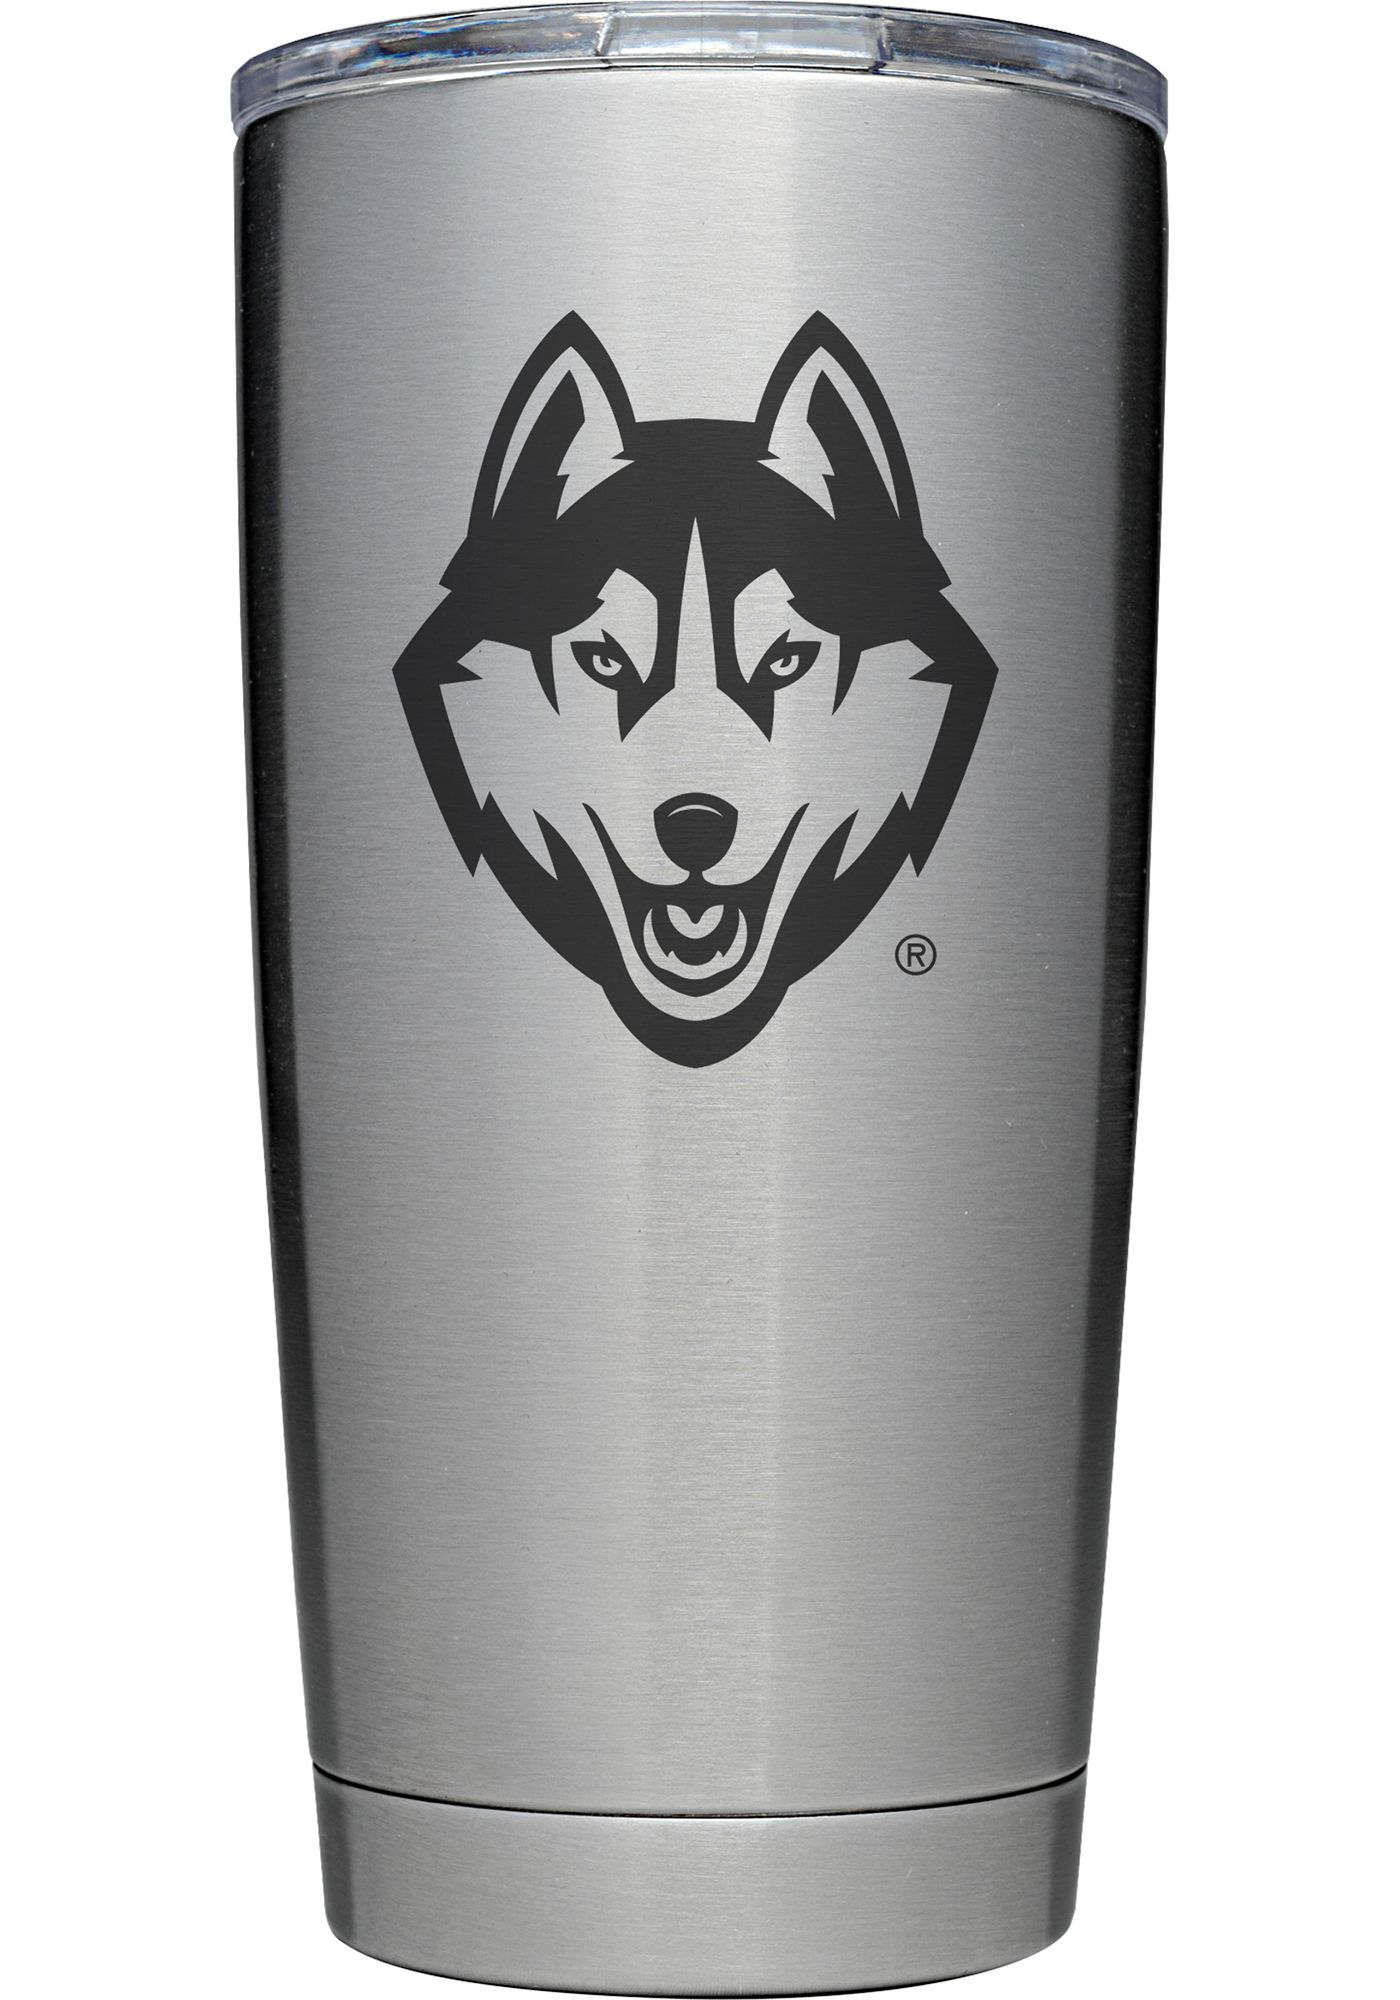 YETI UConn Huskies 20 oz. Rambler Tumbler Cup